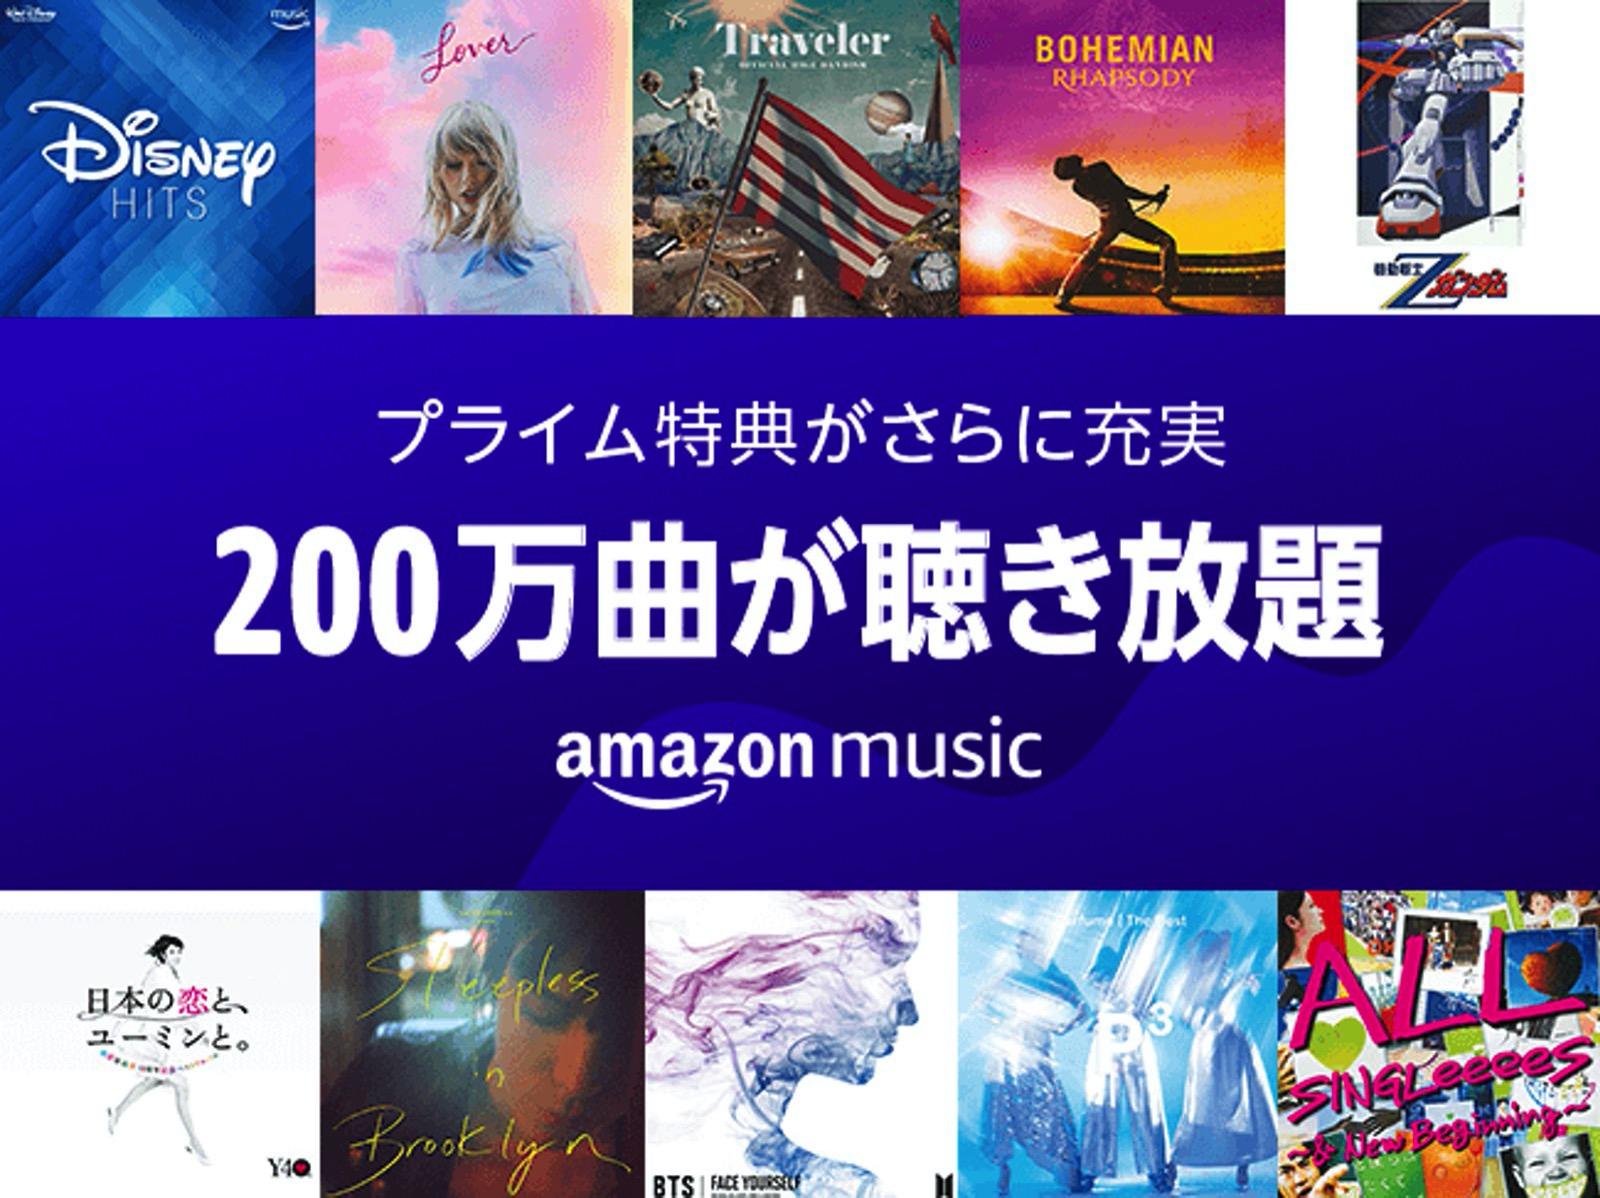 Amazon Music New Music